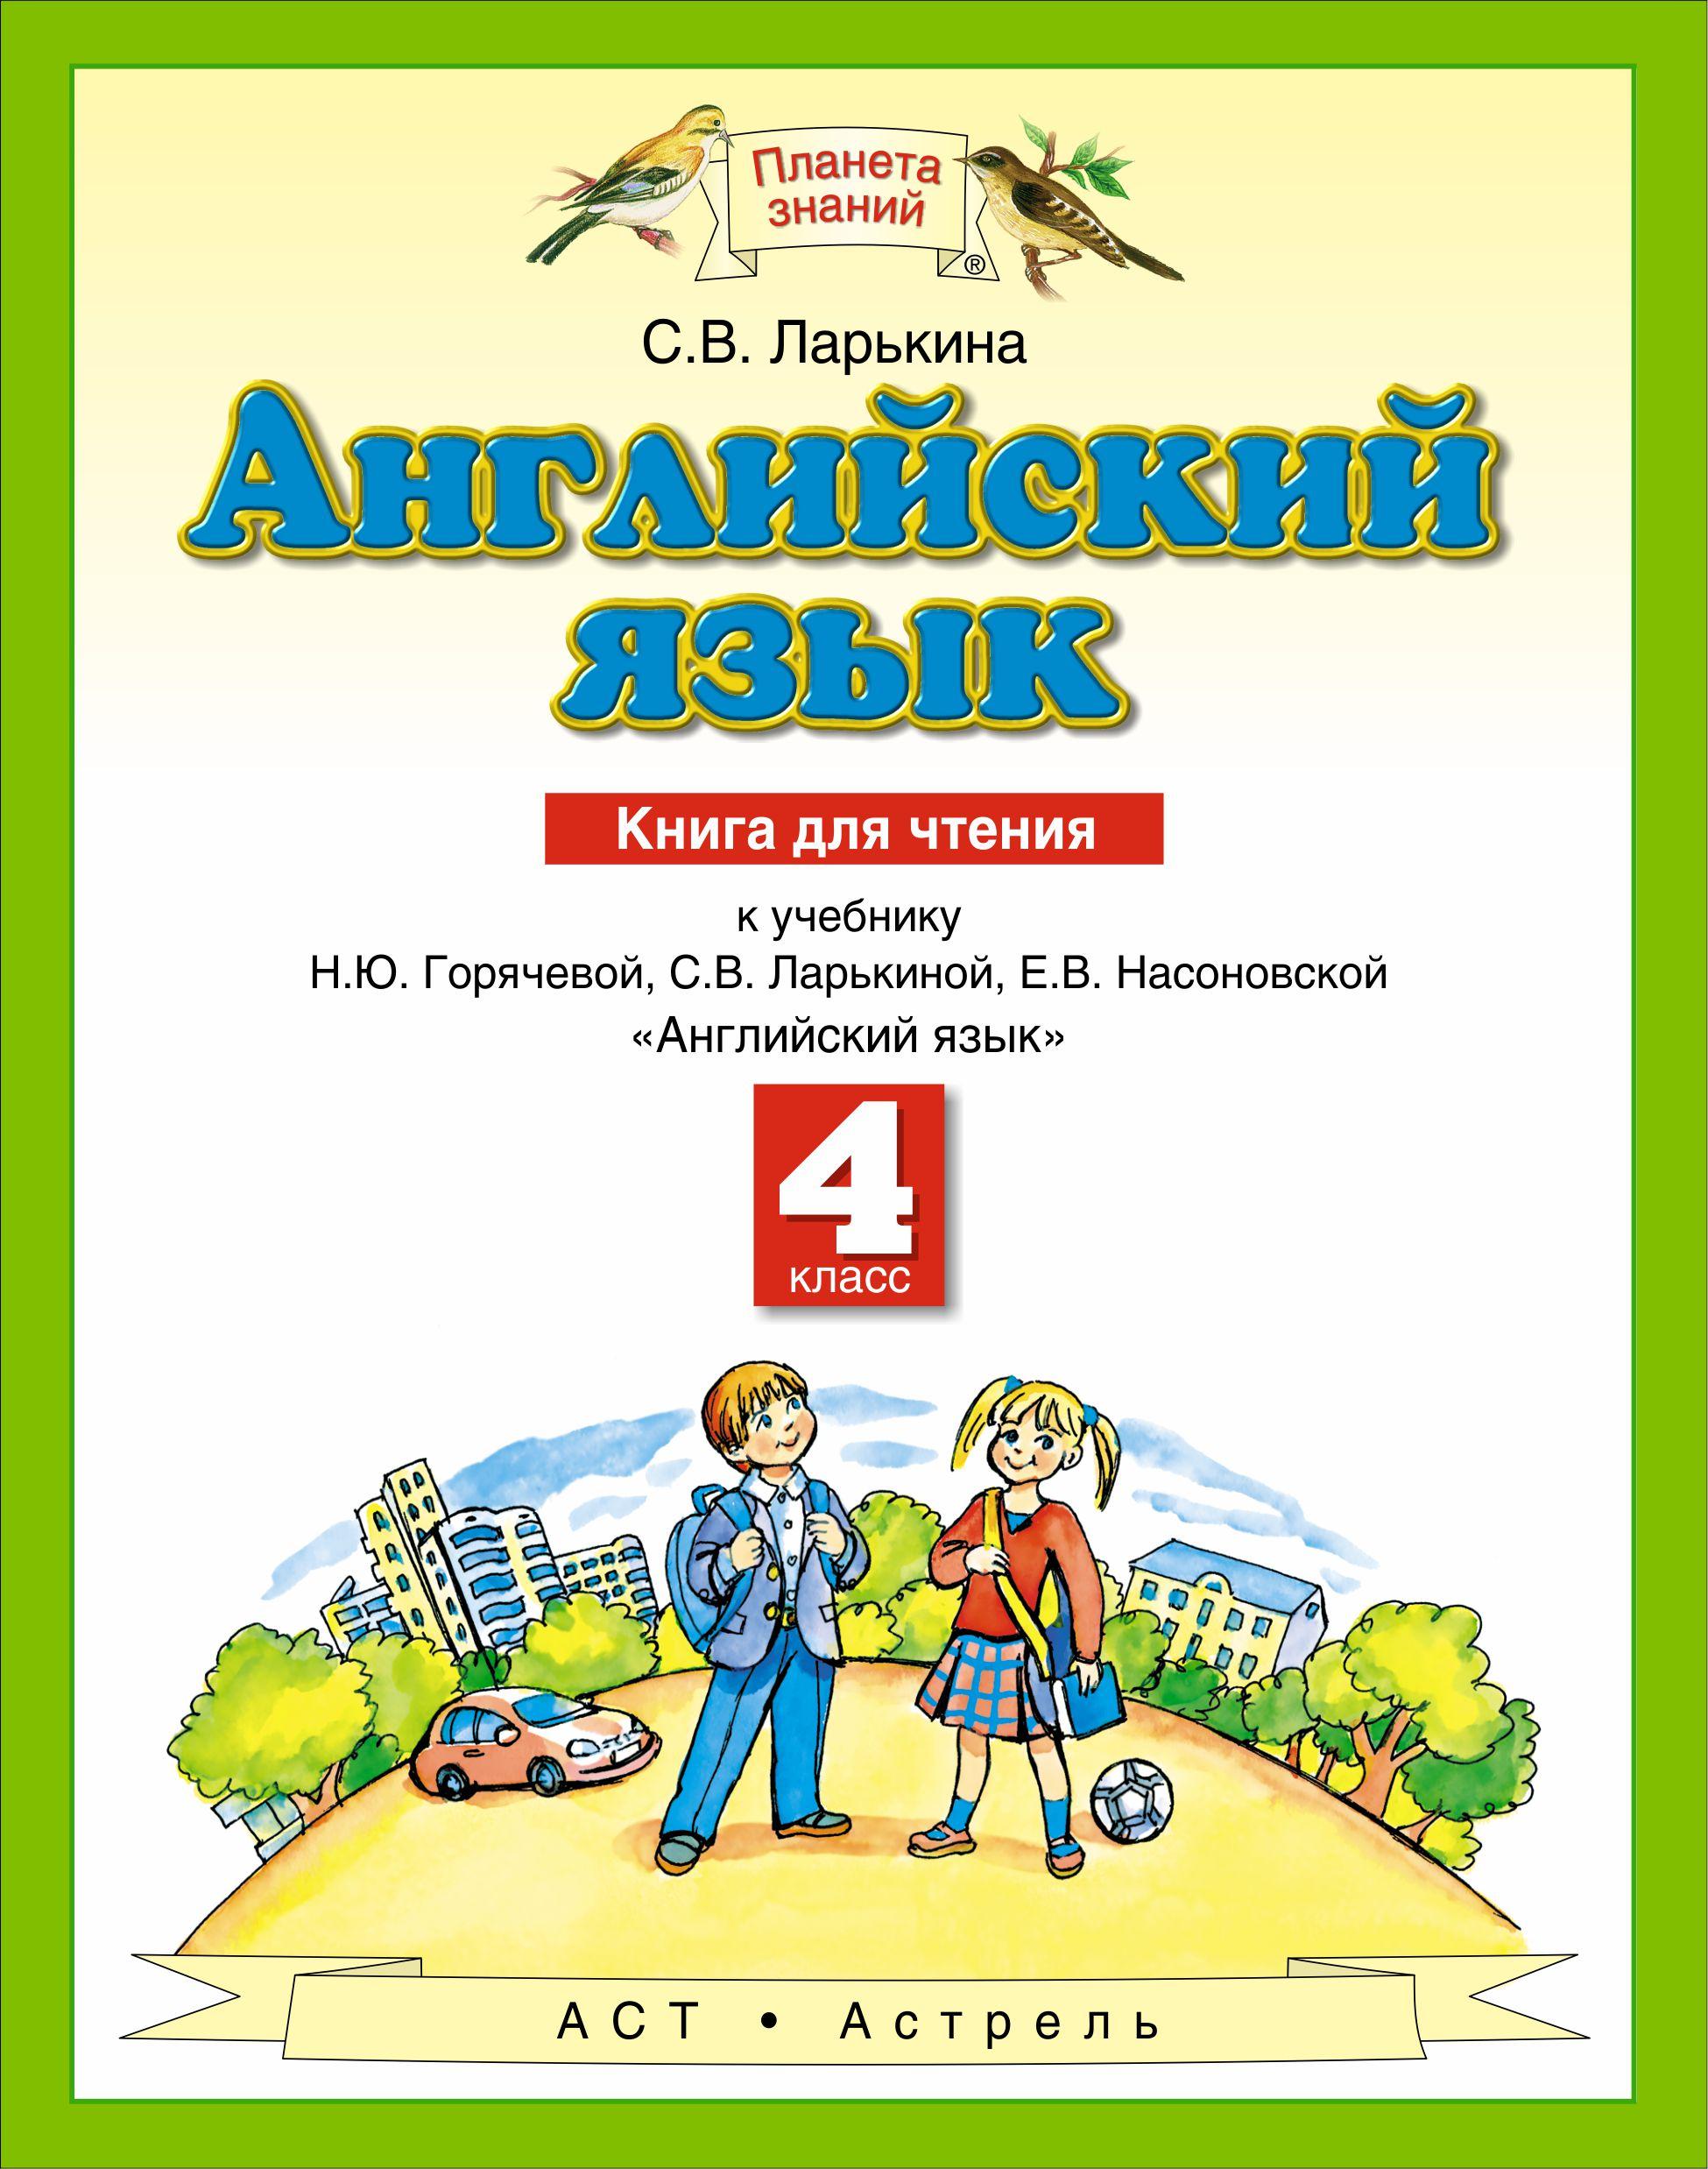 Ларькина С.В. Английский язык. 4 класс. Книга для чтения bronte c jane eyre книга для чтения level 4